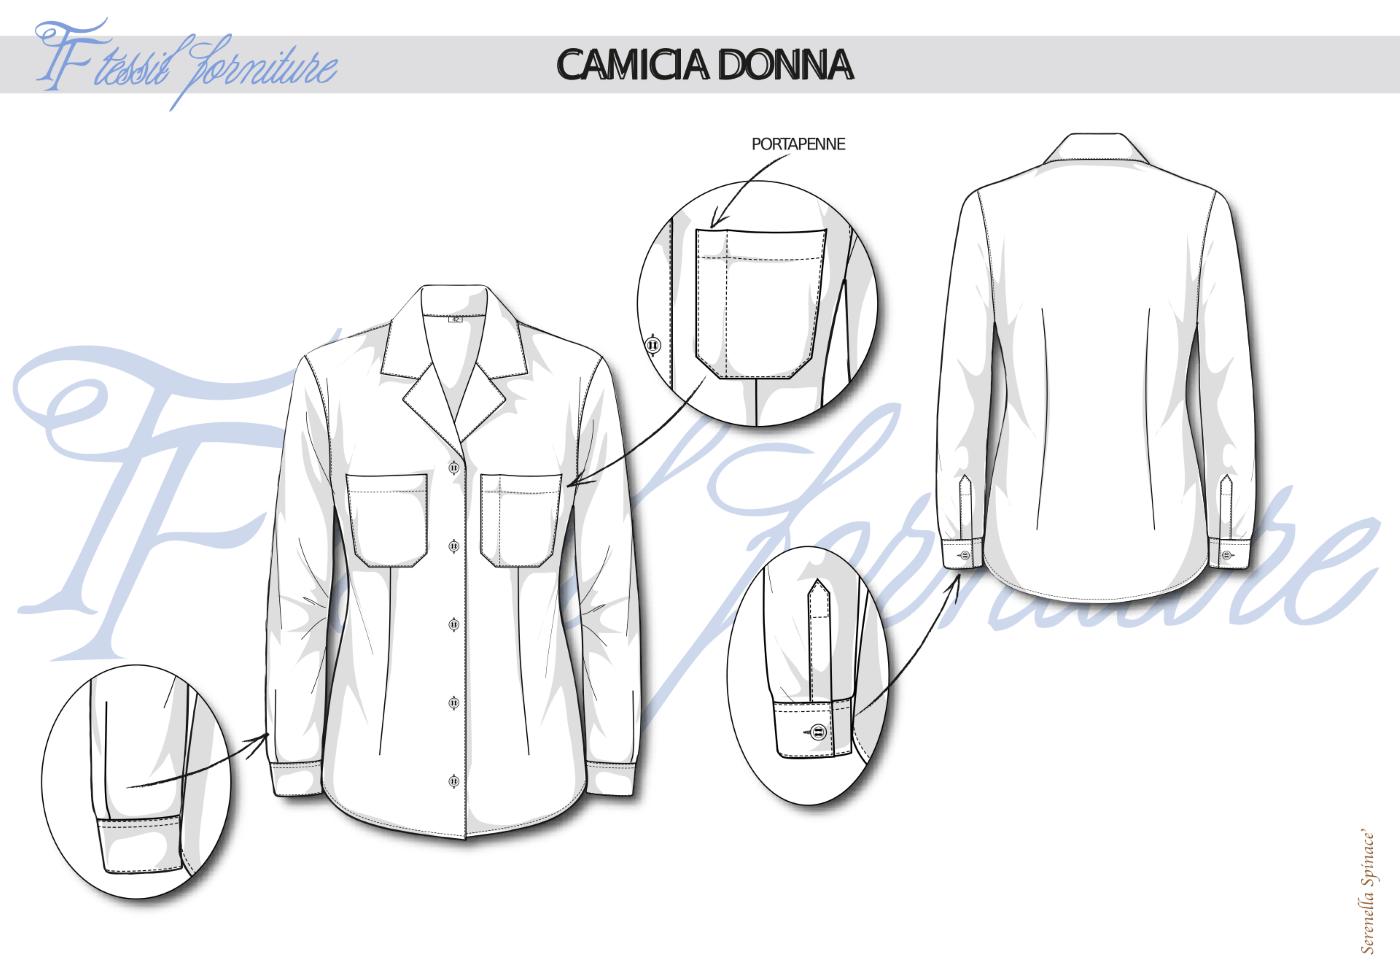 Bozzetto camicia donna - Tessil Forniture